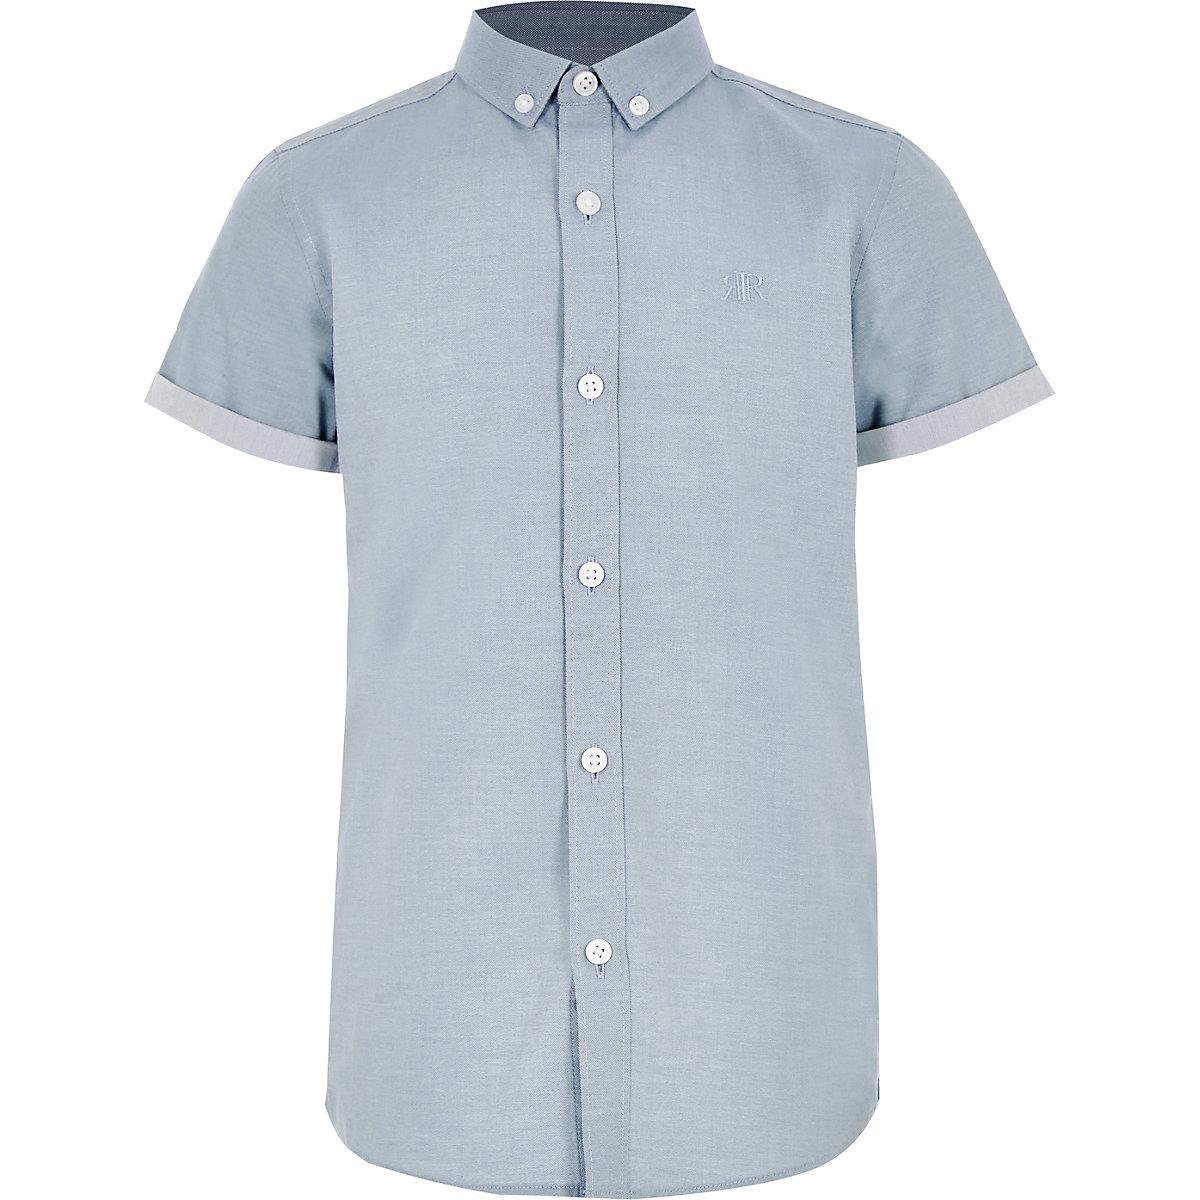 Boys blue RI short sleeve shirt